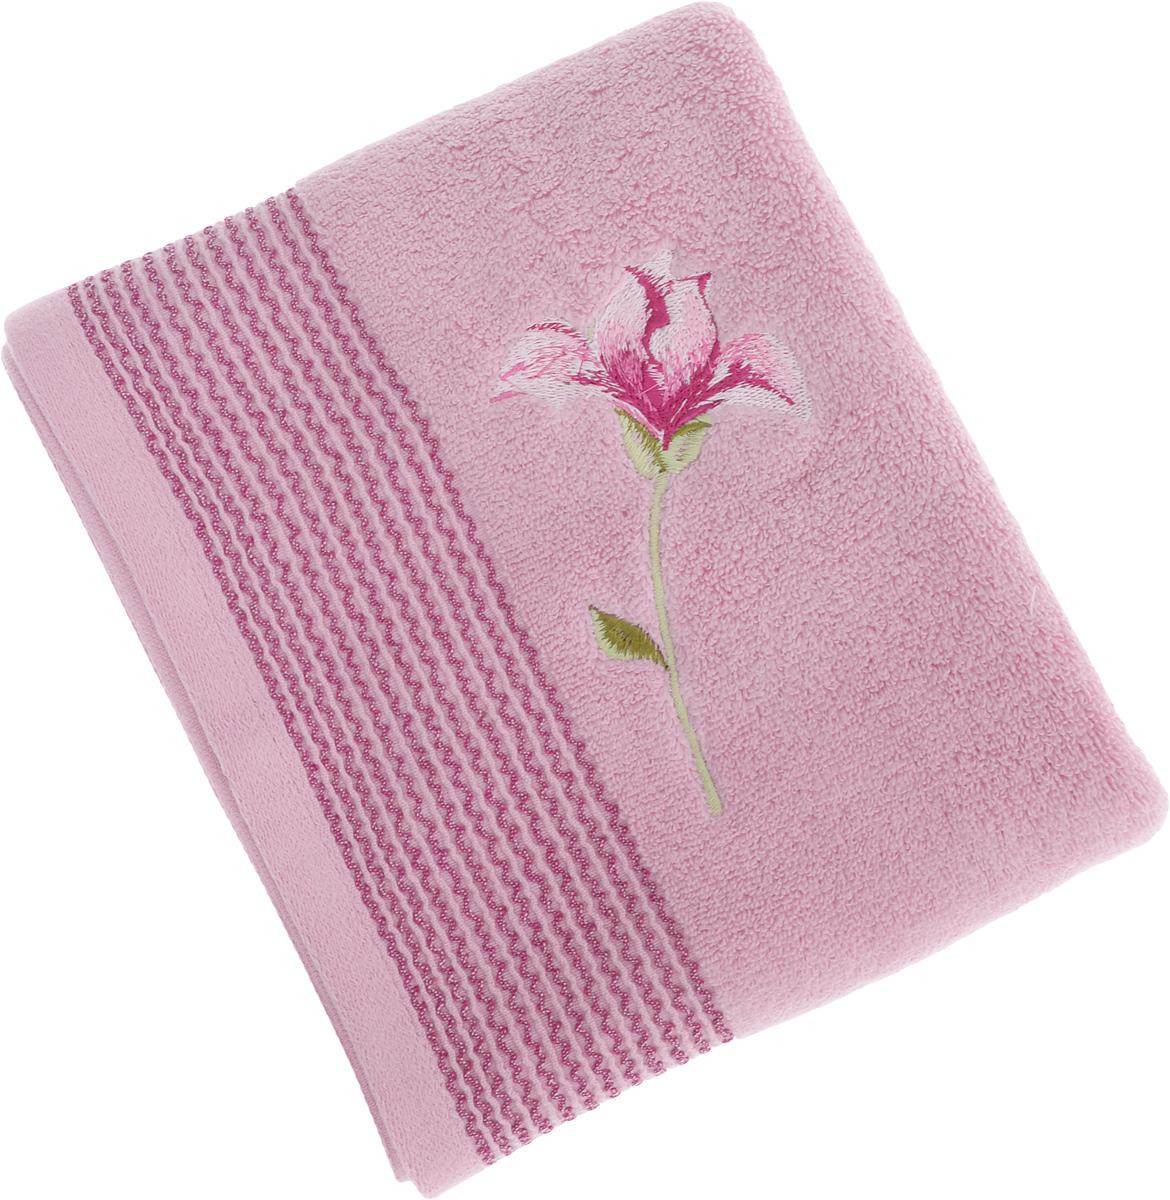 Полотенце Soavita Alice, цвет: розовый, 50 х 90 см63977Полотенце Soavita Alice выполнено из 100% хлопка. Изделие отлично впитывает влагу, быстро сохнет, сохраняет яркость цвета и не теряет форму даже после многократных стирок. Полотенце очень практично и неприхотливо в уходе. Оно создаст прекрасное настроение и украсит интерьер в ванной комнате.